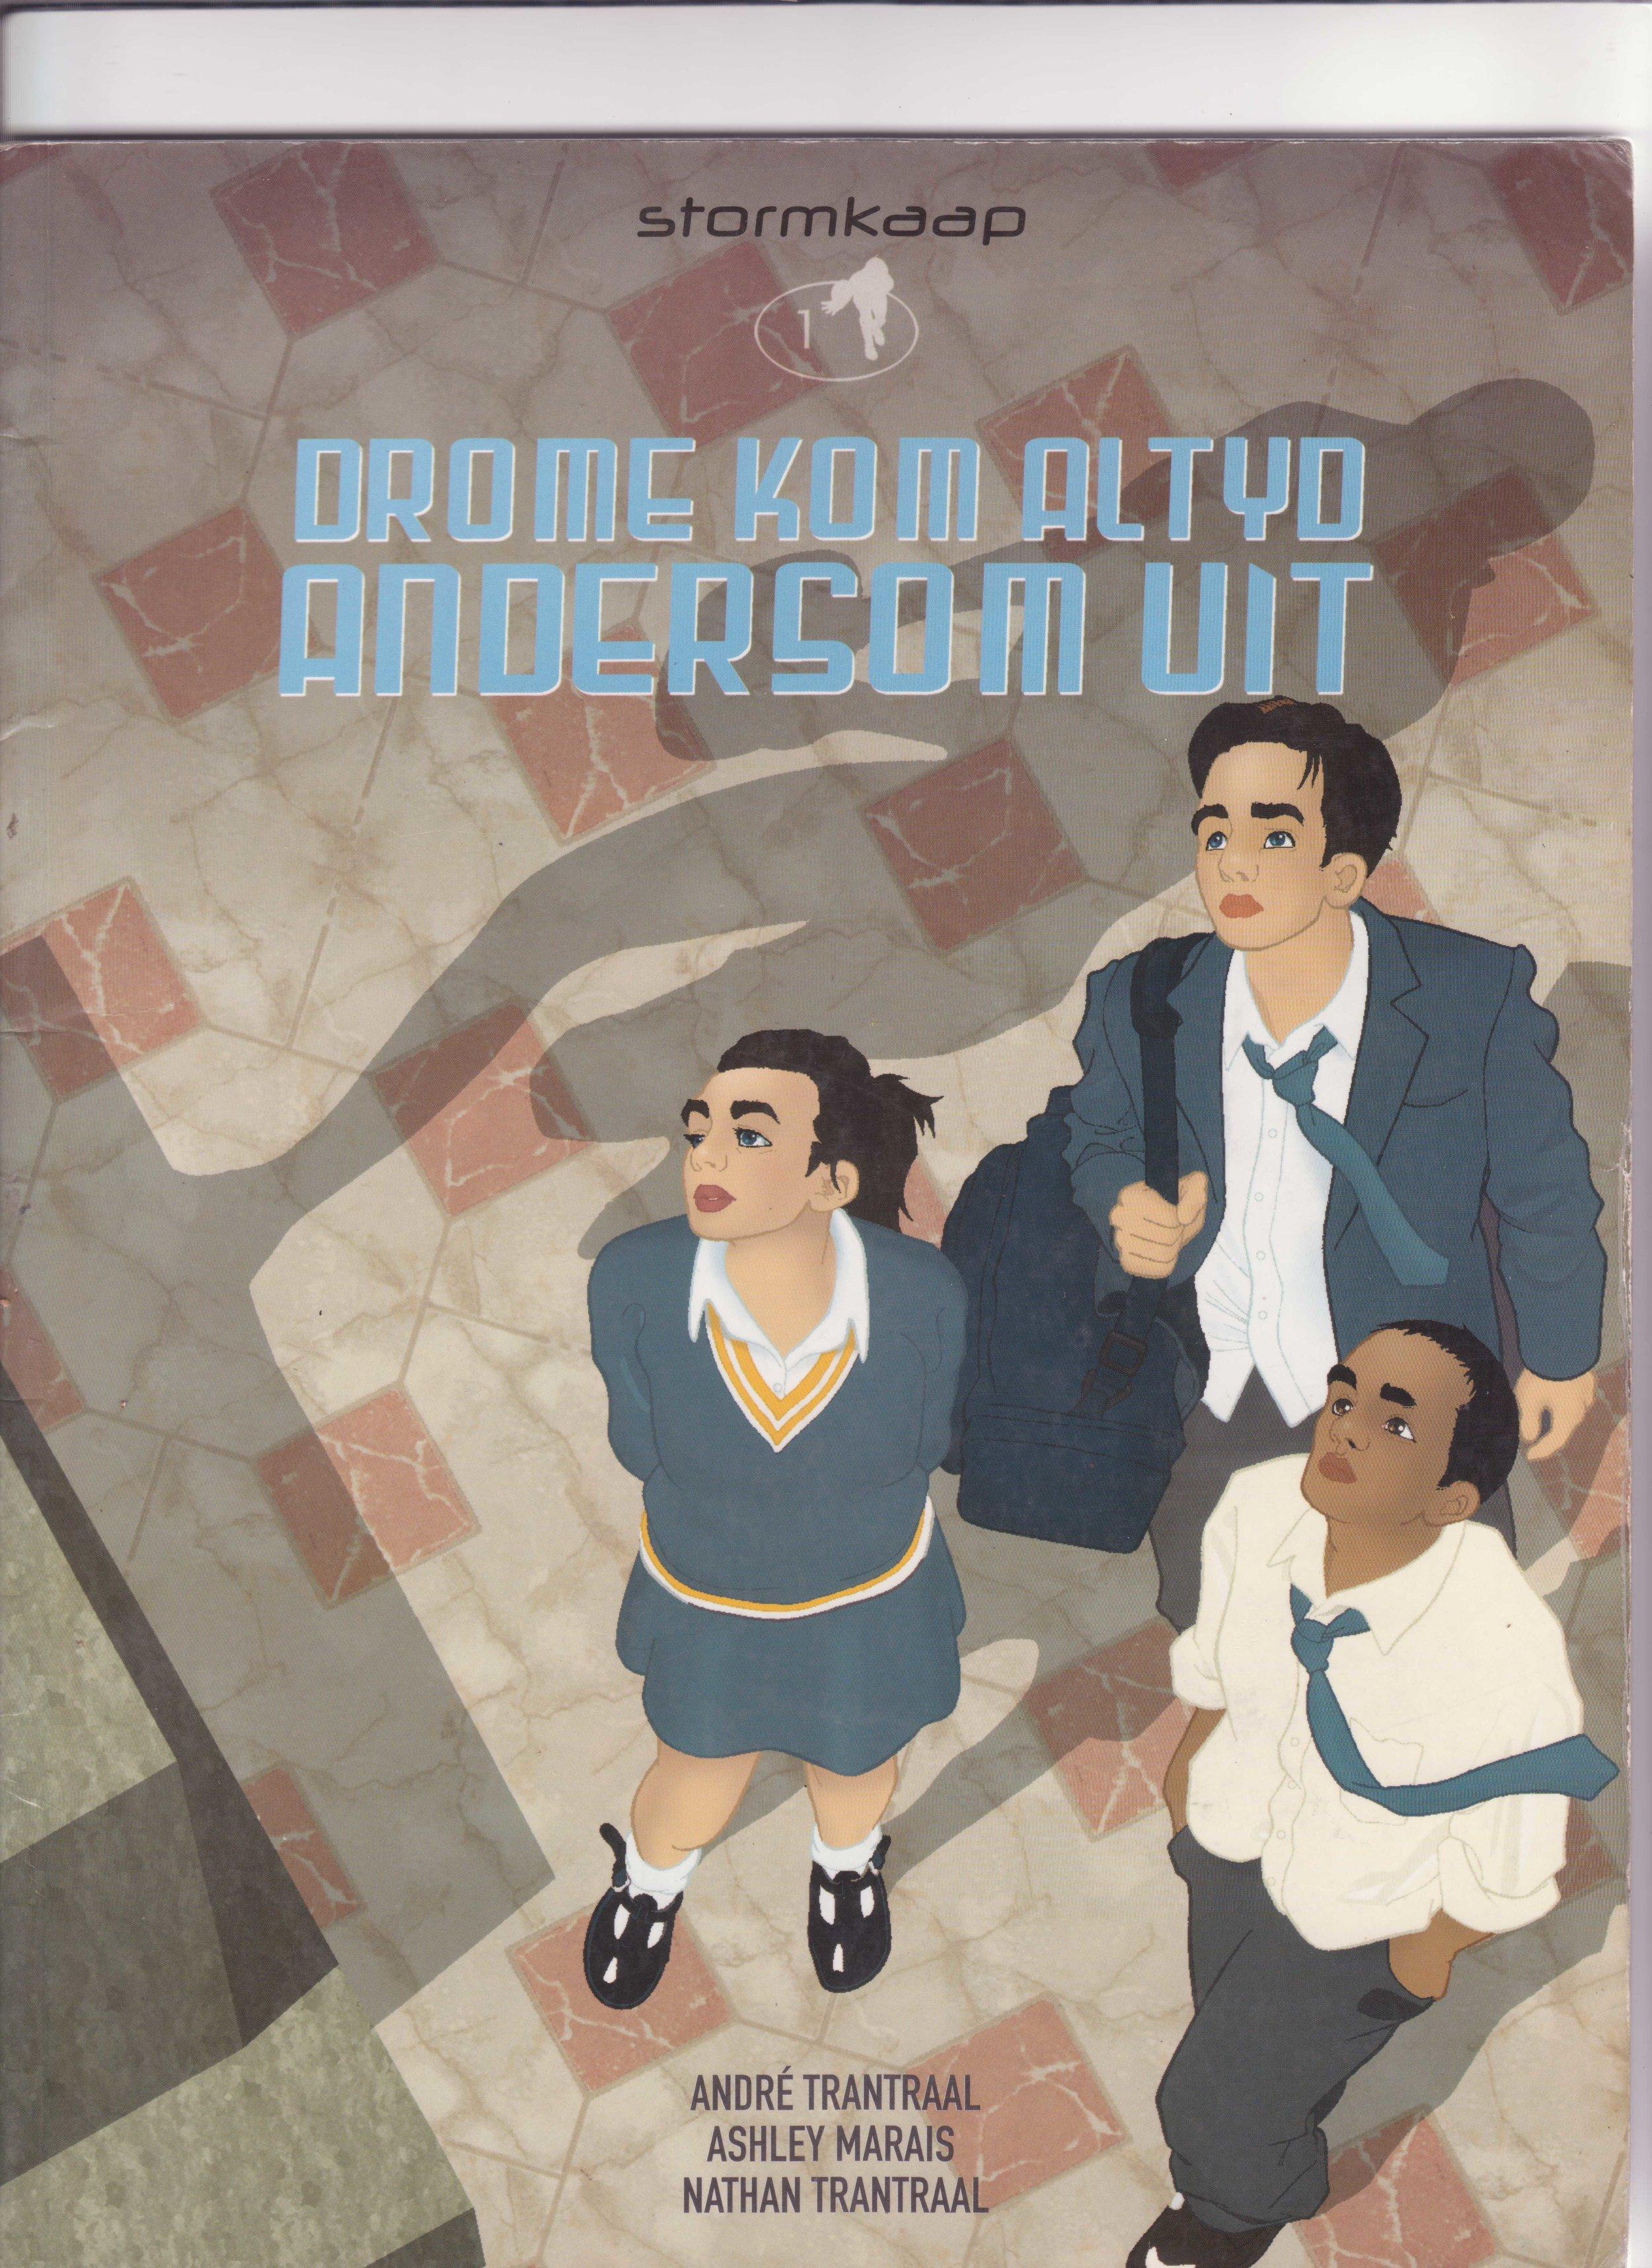 Drome kom altyd andersom uit  (2008)